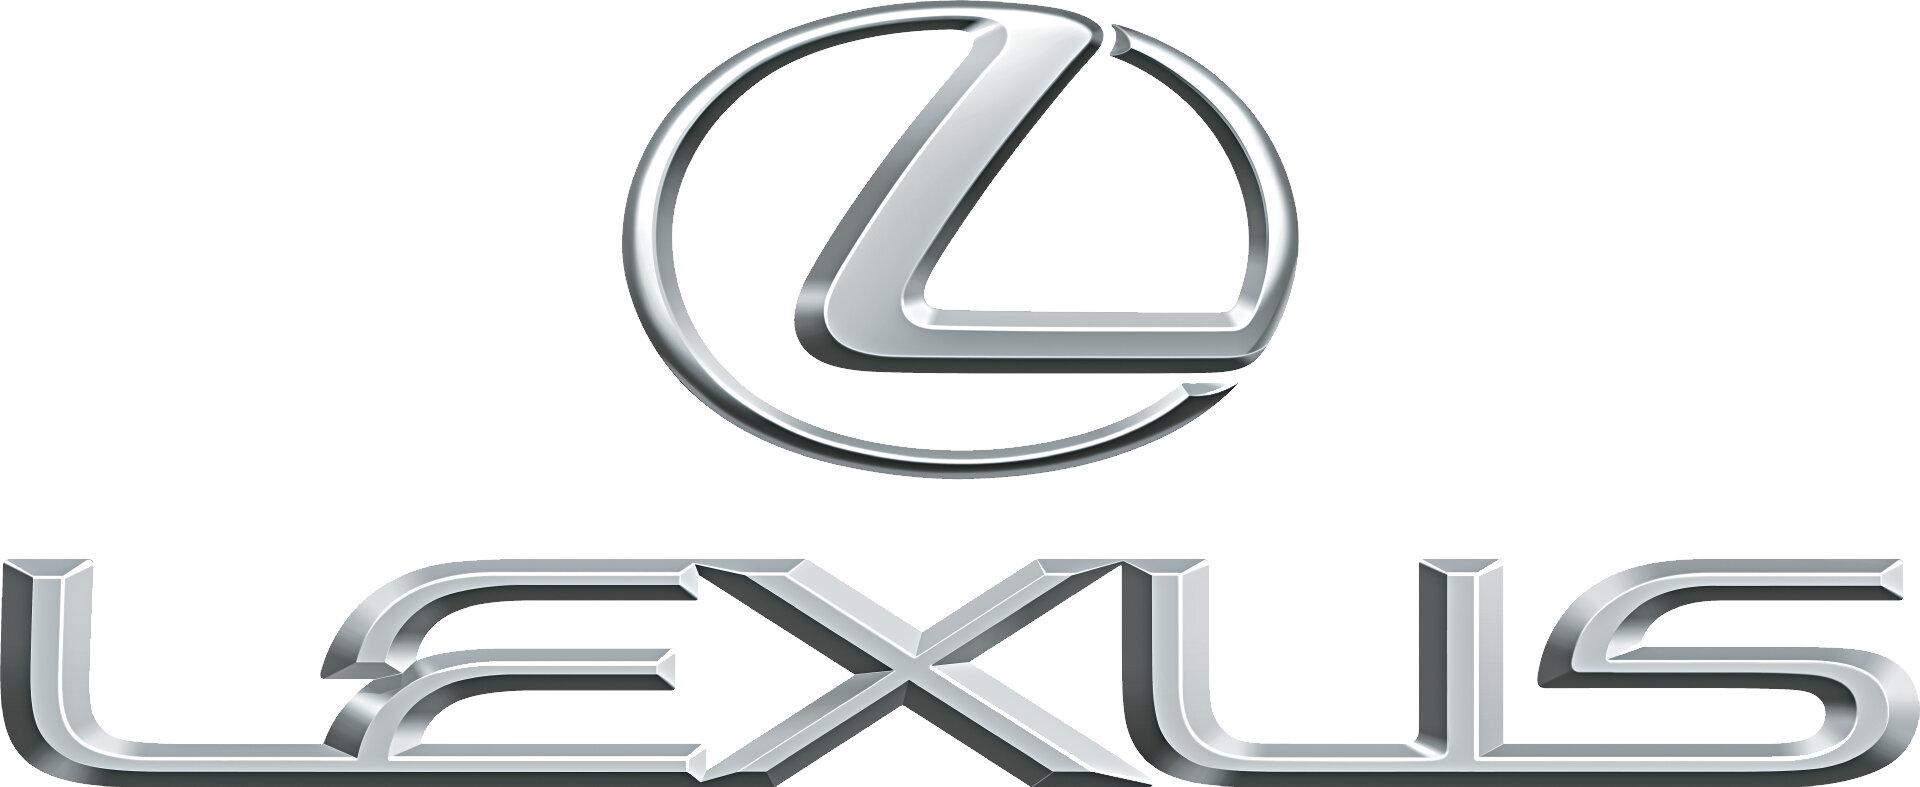 Bảng giá xe ô tô Lexus trên thị trường cập nhật tháng 9/2015